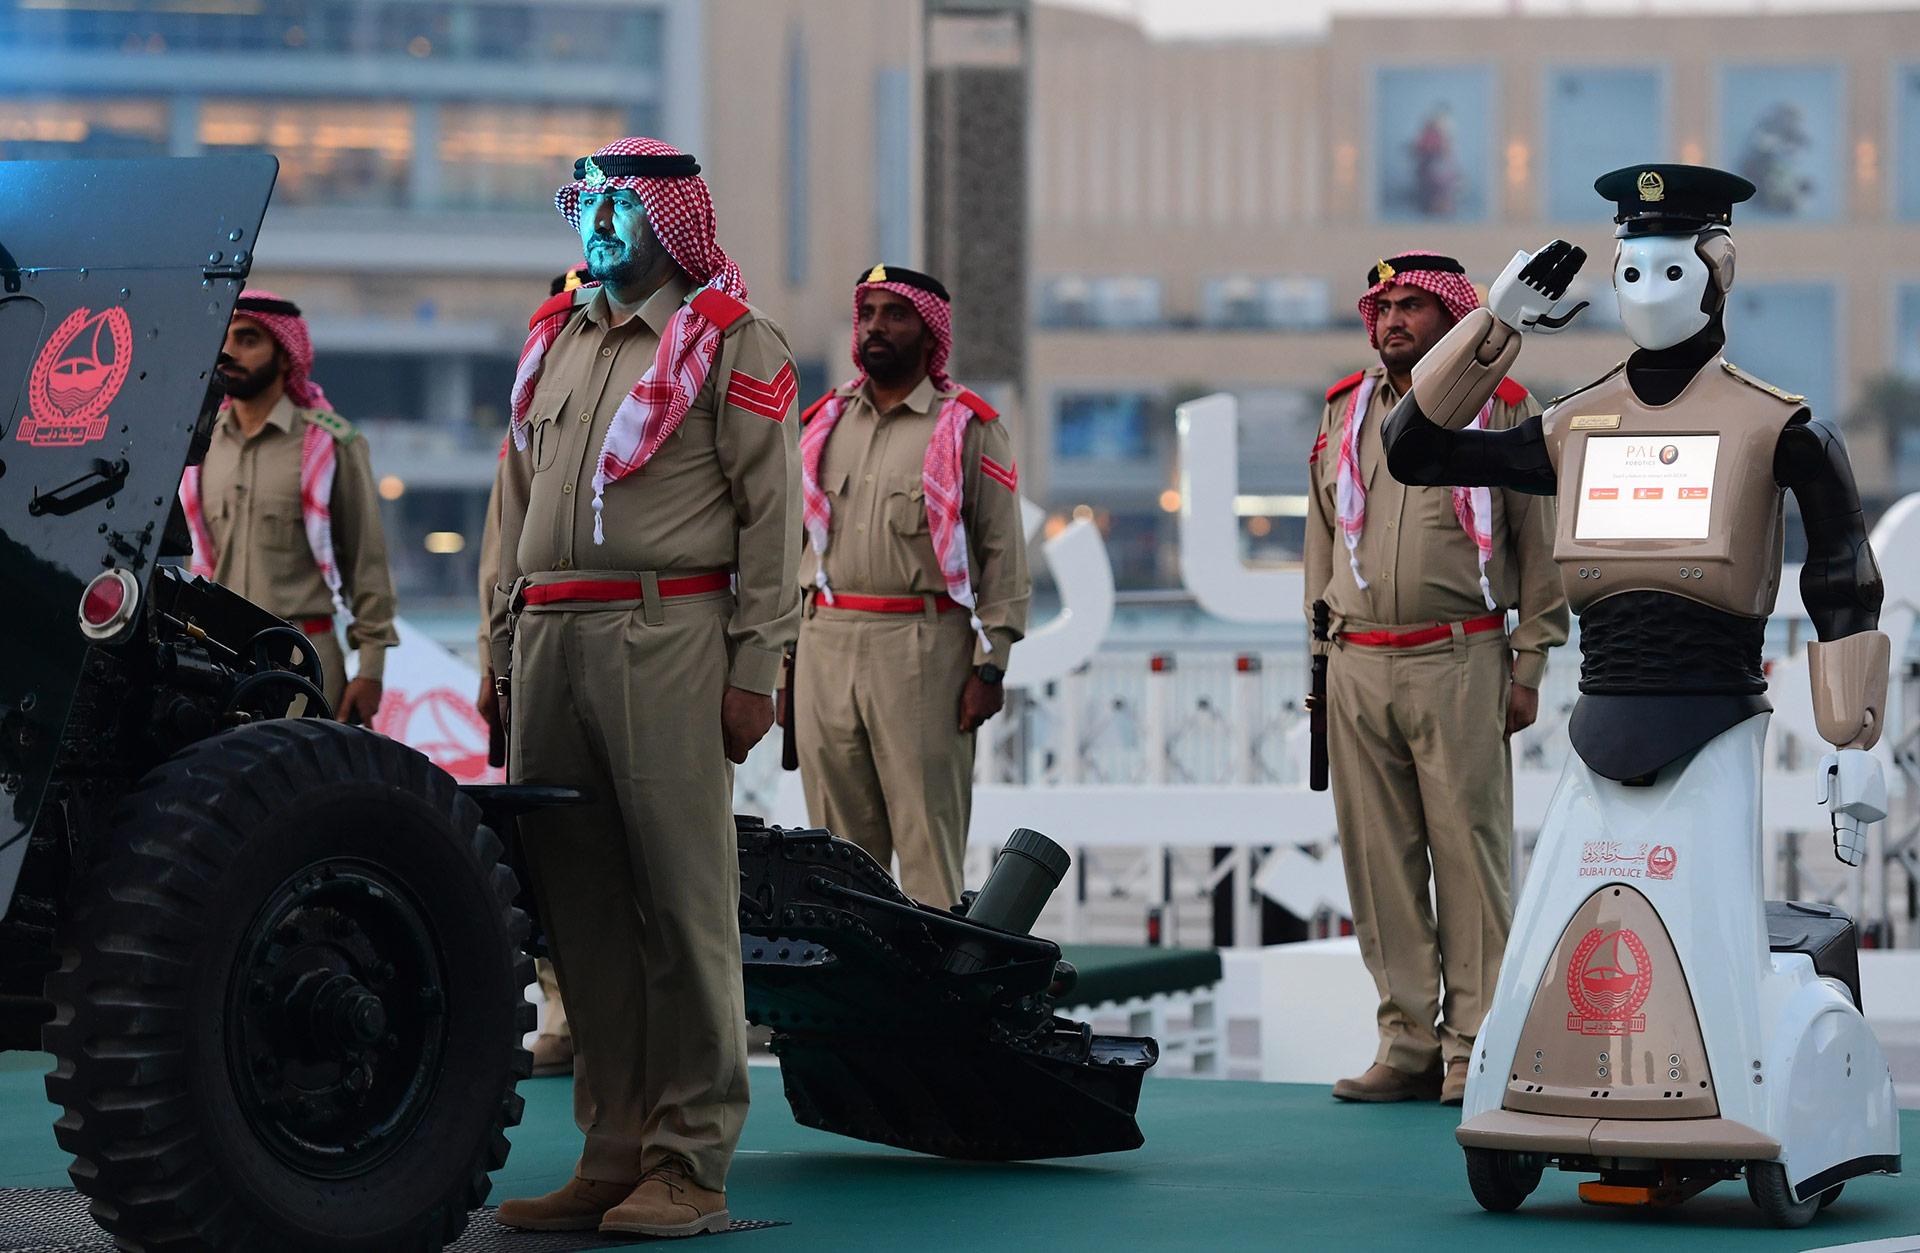 """""""Nuestro objetivo es que los robots constituyan el 25% de nuestros efectivos antes de 2030"""", declaró el general de brigada Jaled al Razzuqi, un oficial de la Policía de Dubai"""